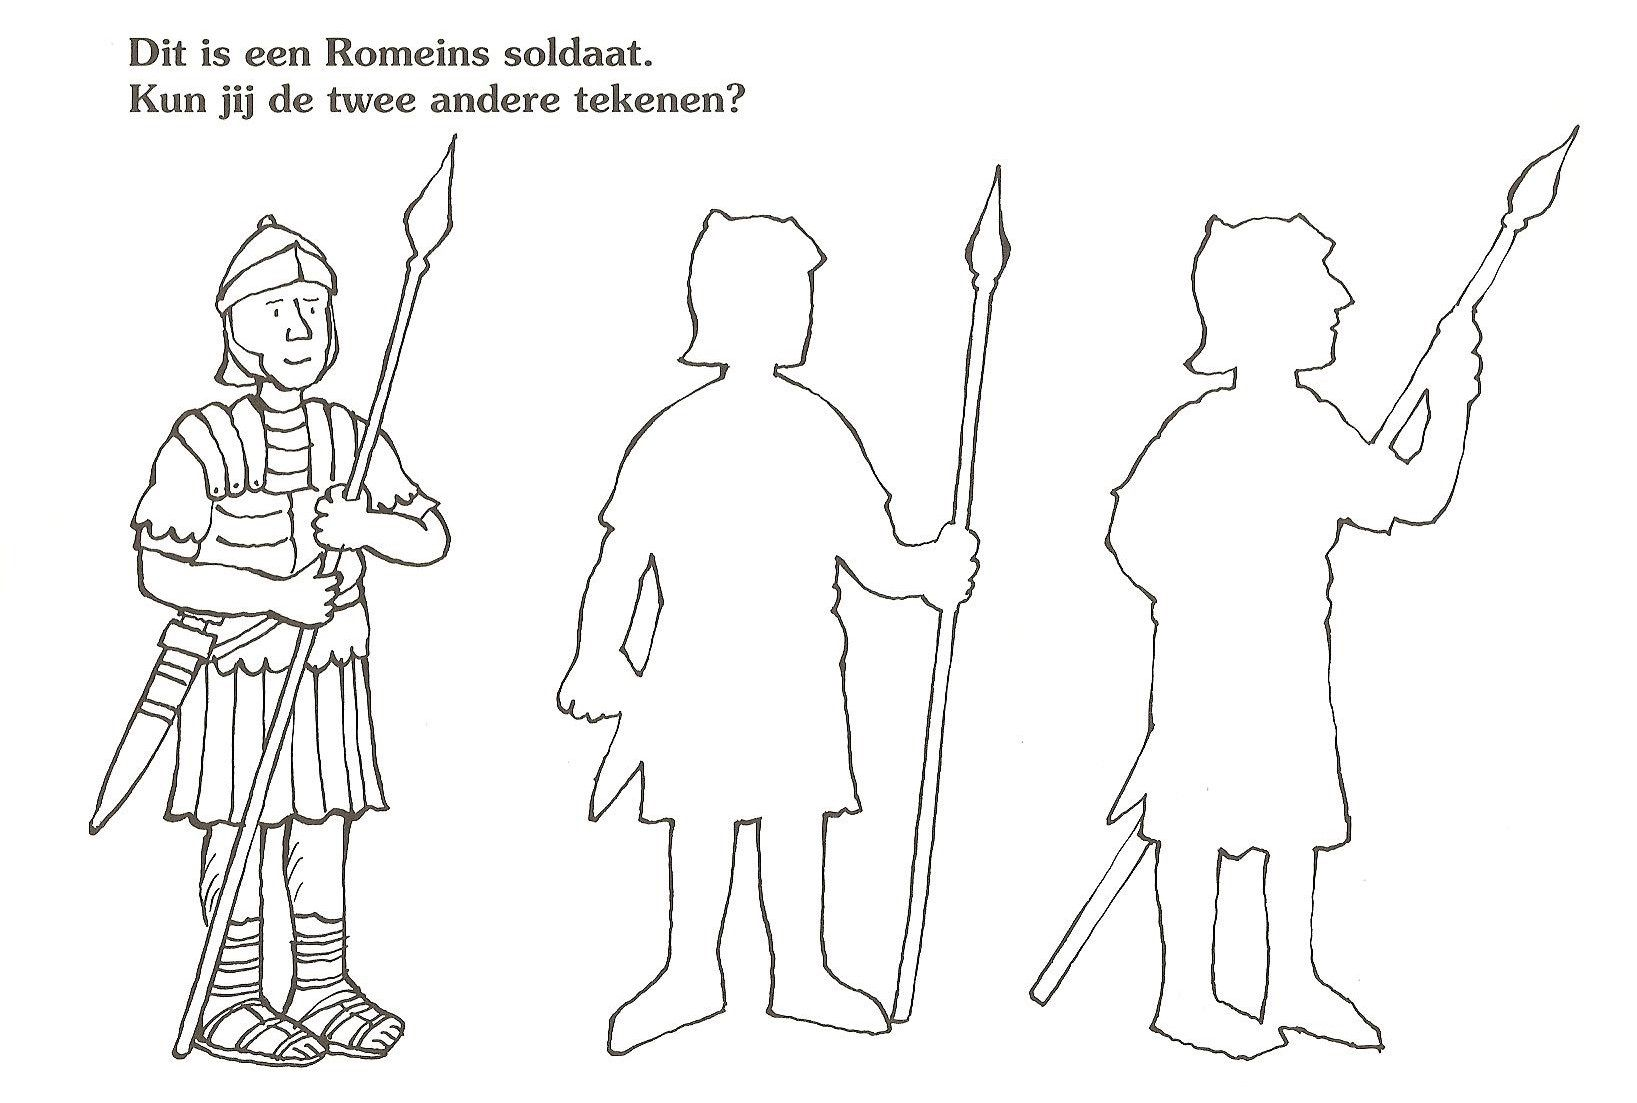 Dit Is Een Romeinse Soldaat Kun Jij De Andere Twee Tekenen Romeinse Soldaten Romeinse Kunst Romeinen